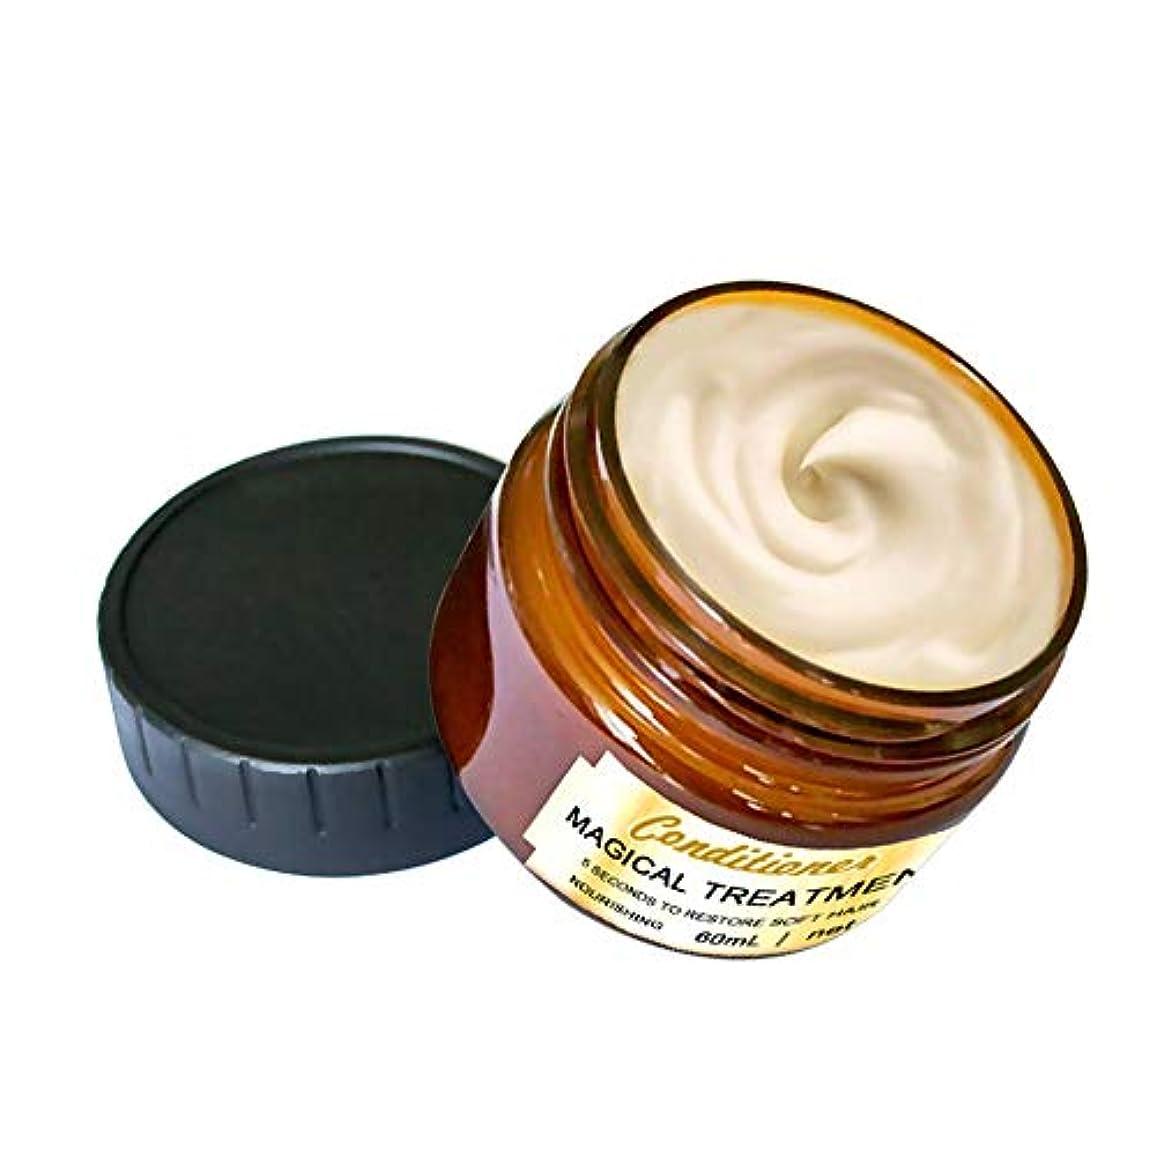 トラフ懇願するジャベスウィルソンコンディショナー ヘアケアコンディショナー ヘアデトキシファイングヘアマスク 高度な分子 毛根治療の回復 乾燥または損傷した髪と頭皮の治療のための髪の滑らかなしなやか (A 60 ml)